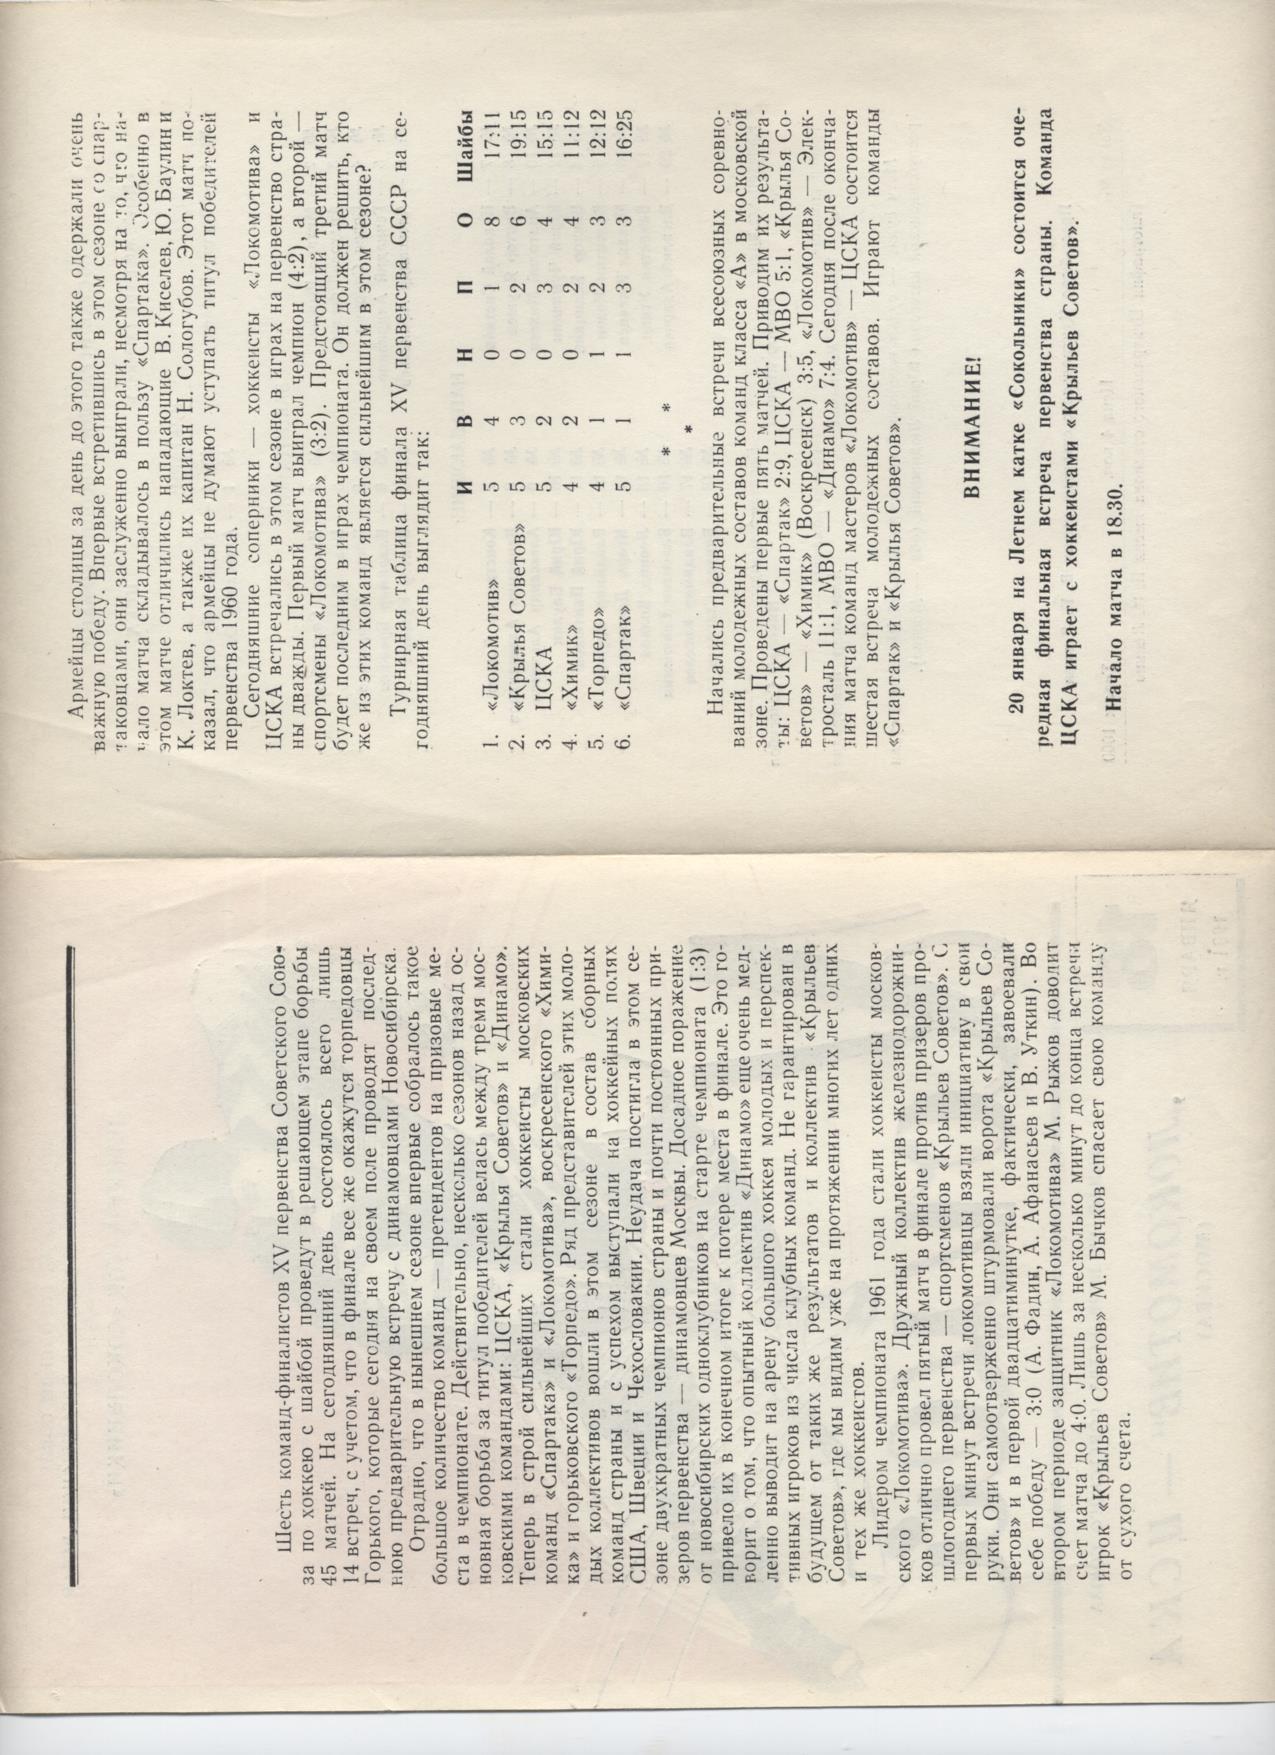 19610118-2.jpg